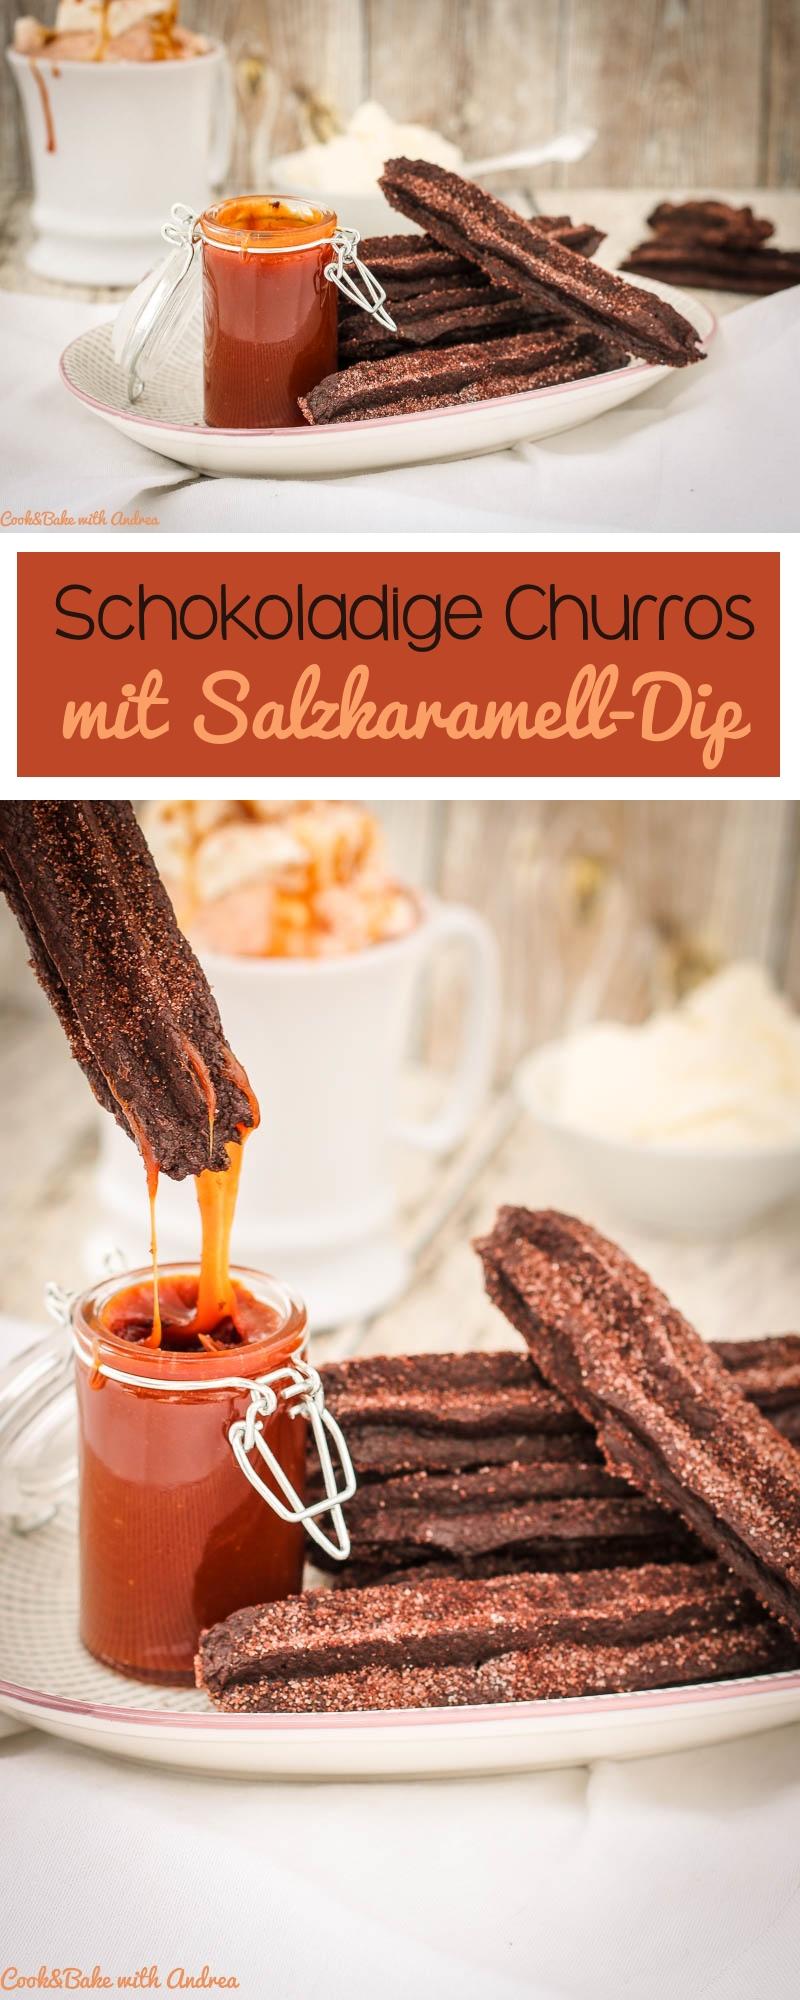 Was man aus einfachem Brandteig so alles machen kann! In Deutschland in Form von Windbeuteln am bekanntesten, kennt man ihn in Spanien am besten als Churros. Heute habe ich ein abgewandeltes, schokoladiges Rezept mit Salzkaramell-Dip, das ihr auf Cook and Bake with Andrea findet.